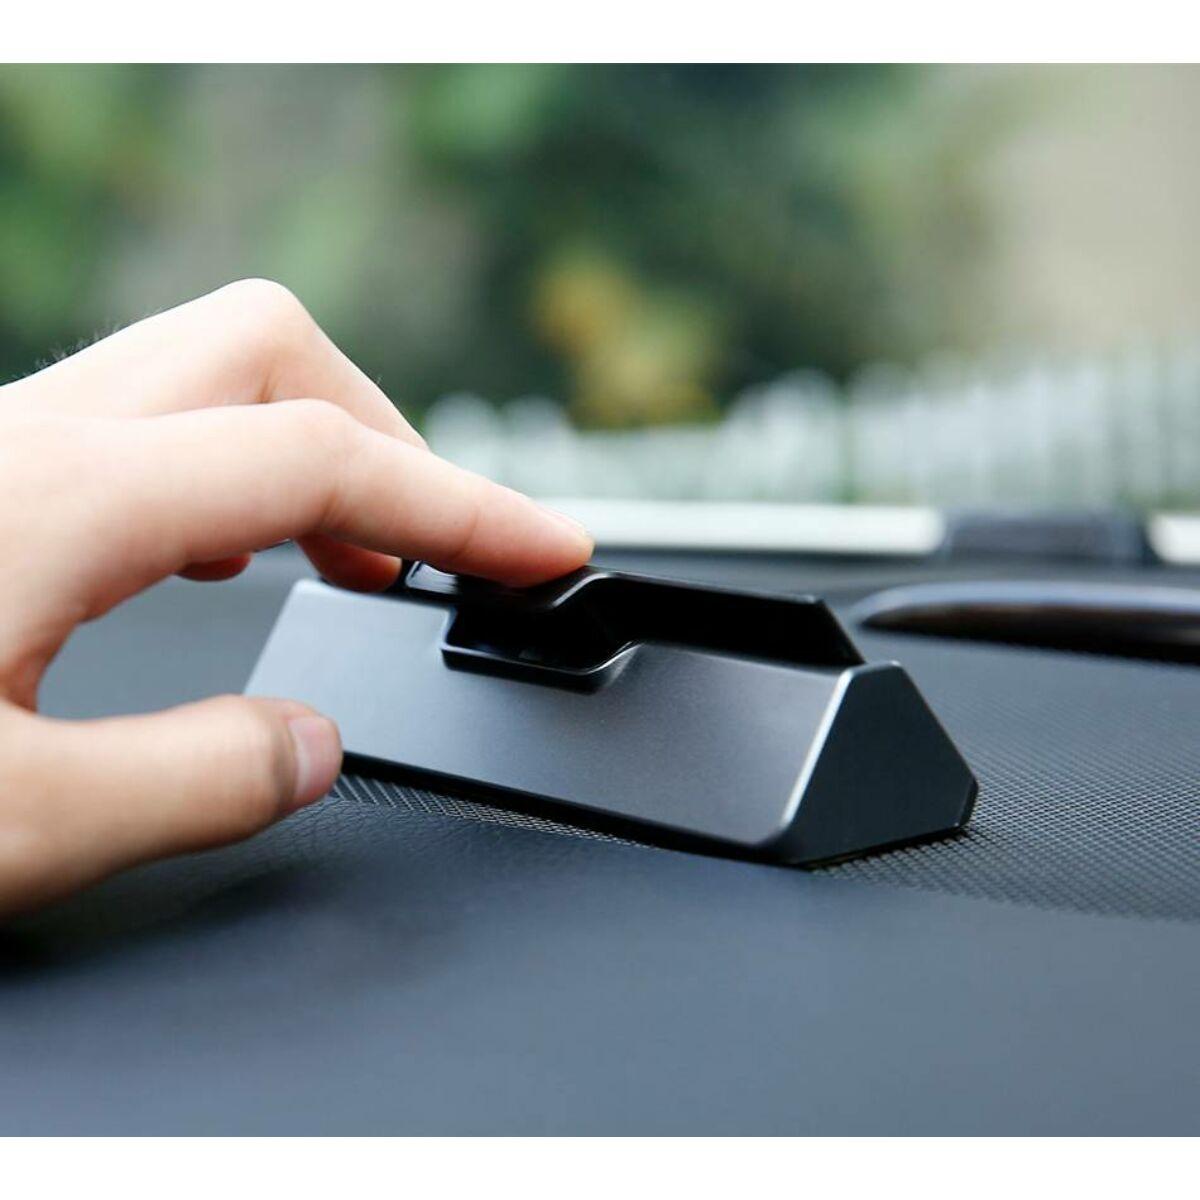 Baseus autós kiegészítő, Hermit Temporary telefonszám kijelző műszerfalra parkoláshoz, sötétszürke (ACNUM-A0G)